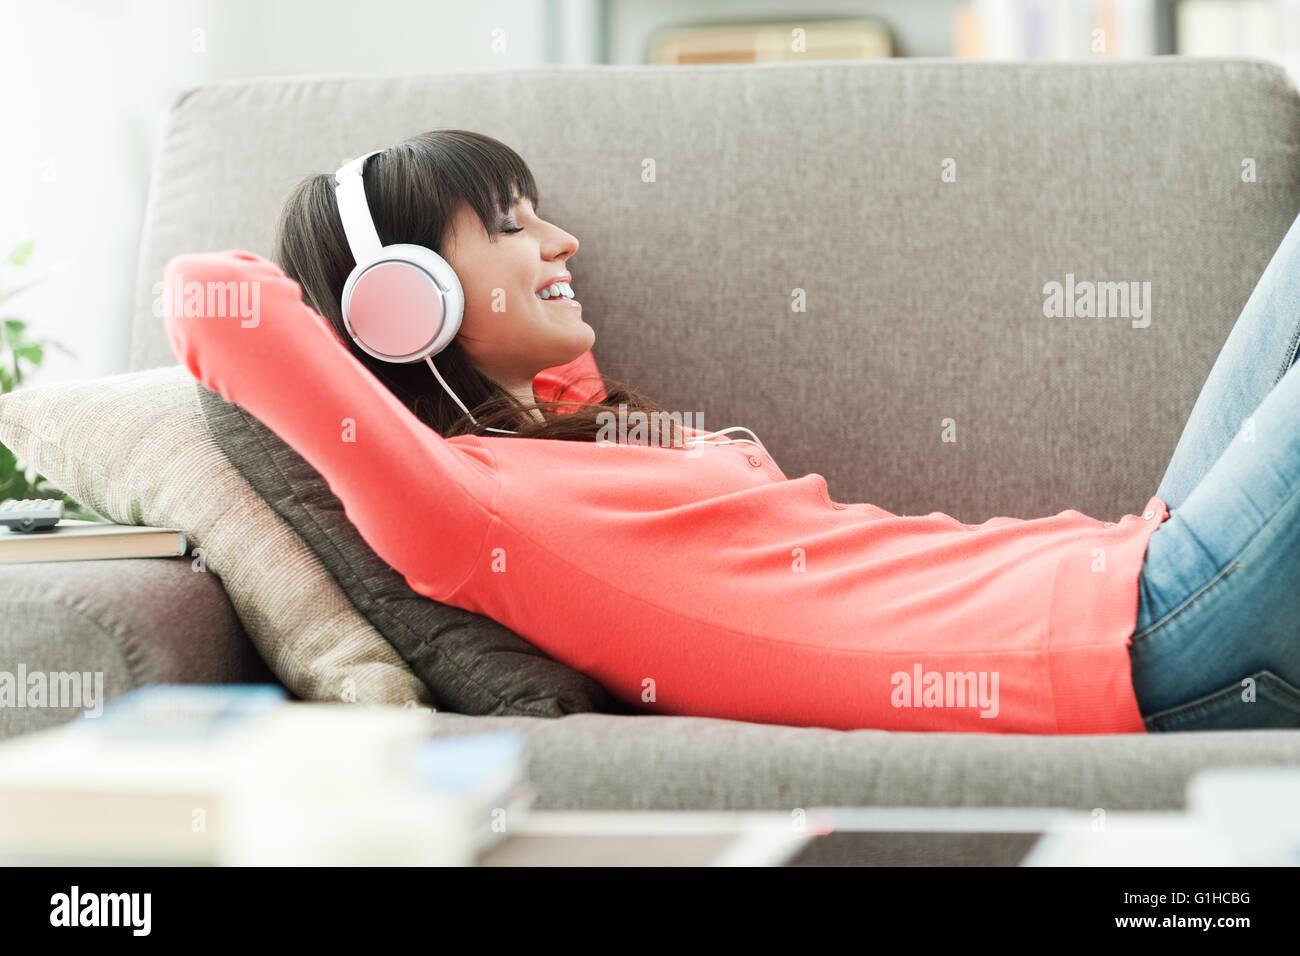 Junge attraktive Frau entspannen auf der Couch zu Hause, hört sie Musik mit Kopfhörern Stockbild